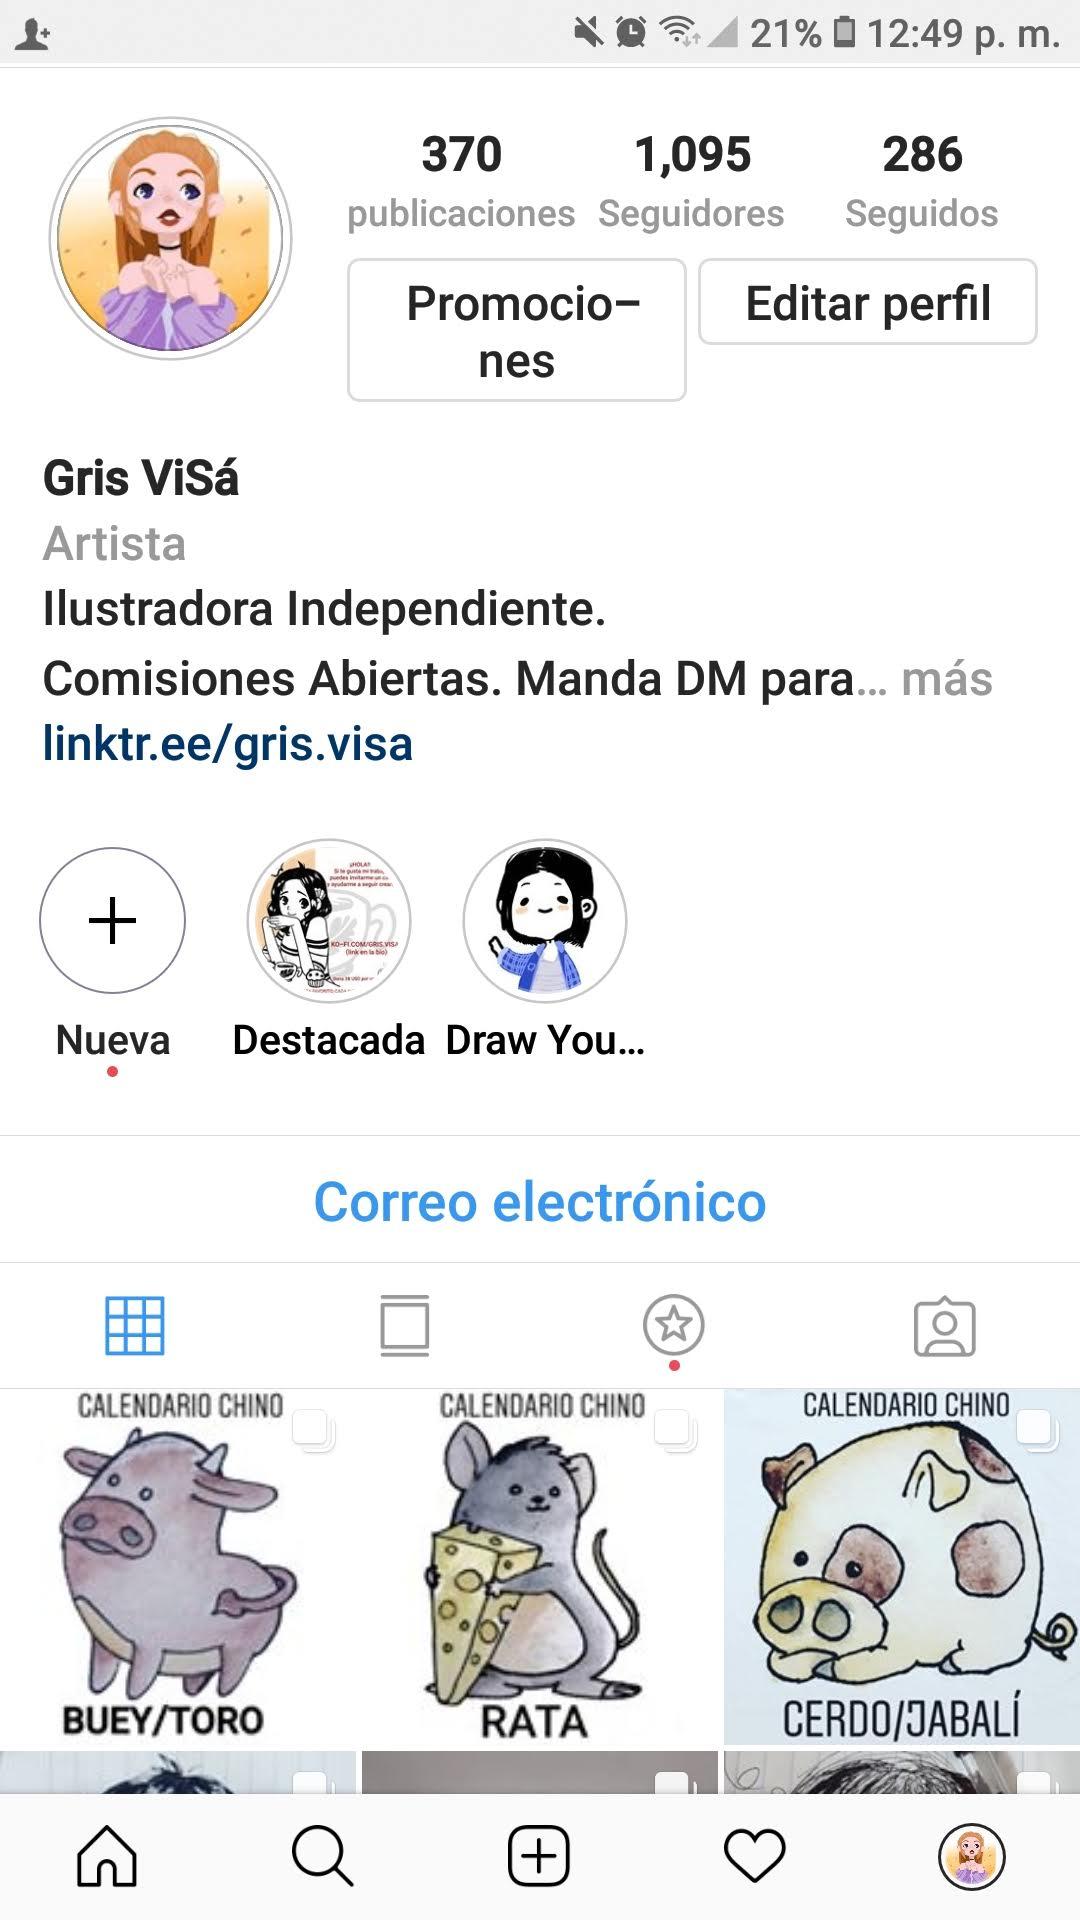 Screenshot-20190210-124905-Instagram